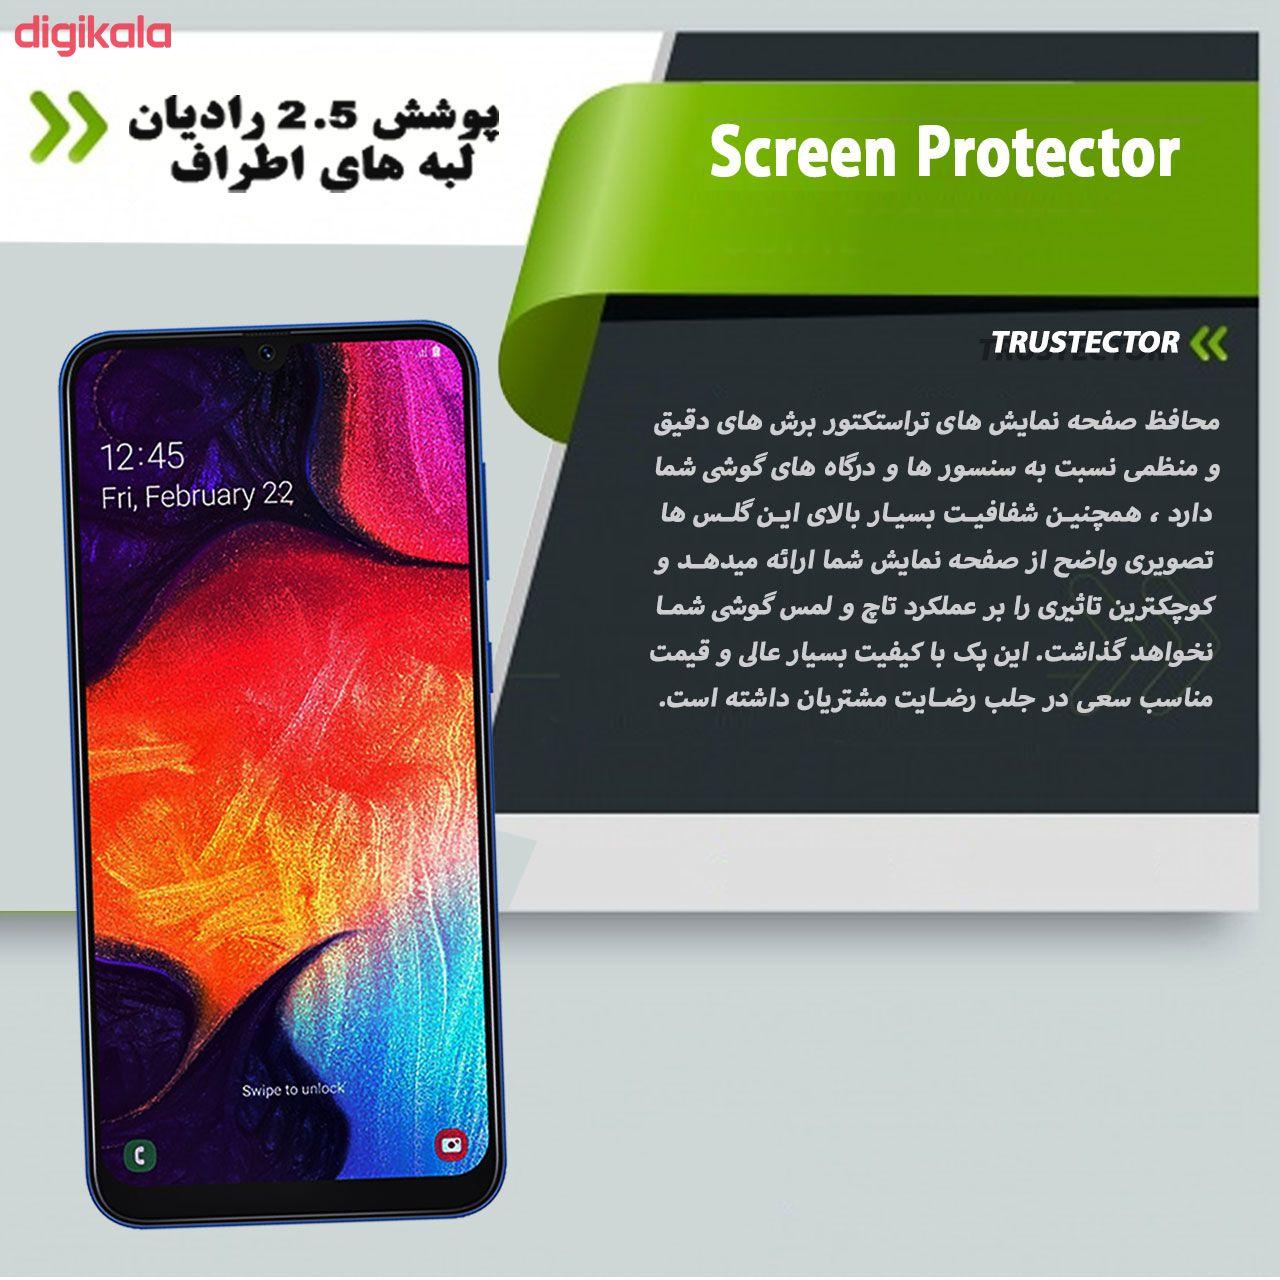 محافظ صفحه نمایش تراستکتور مدل GSS مناسب برای گوشی موبایل سامسونگ Galaxy A50 بسته 5 عددی main 1 4